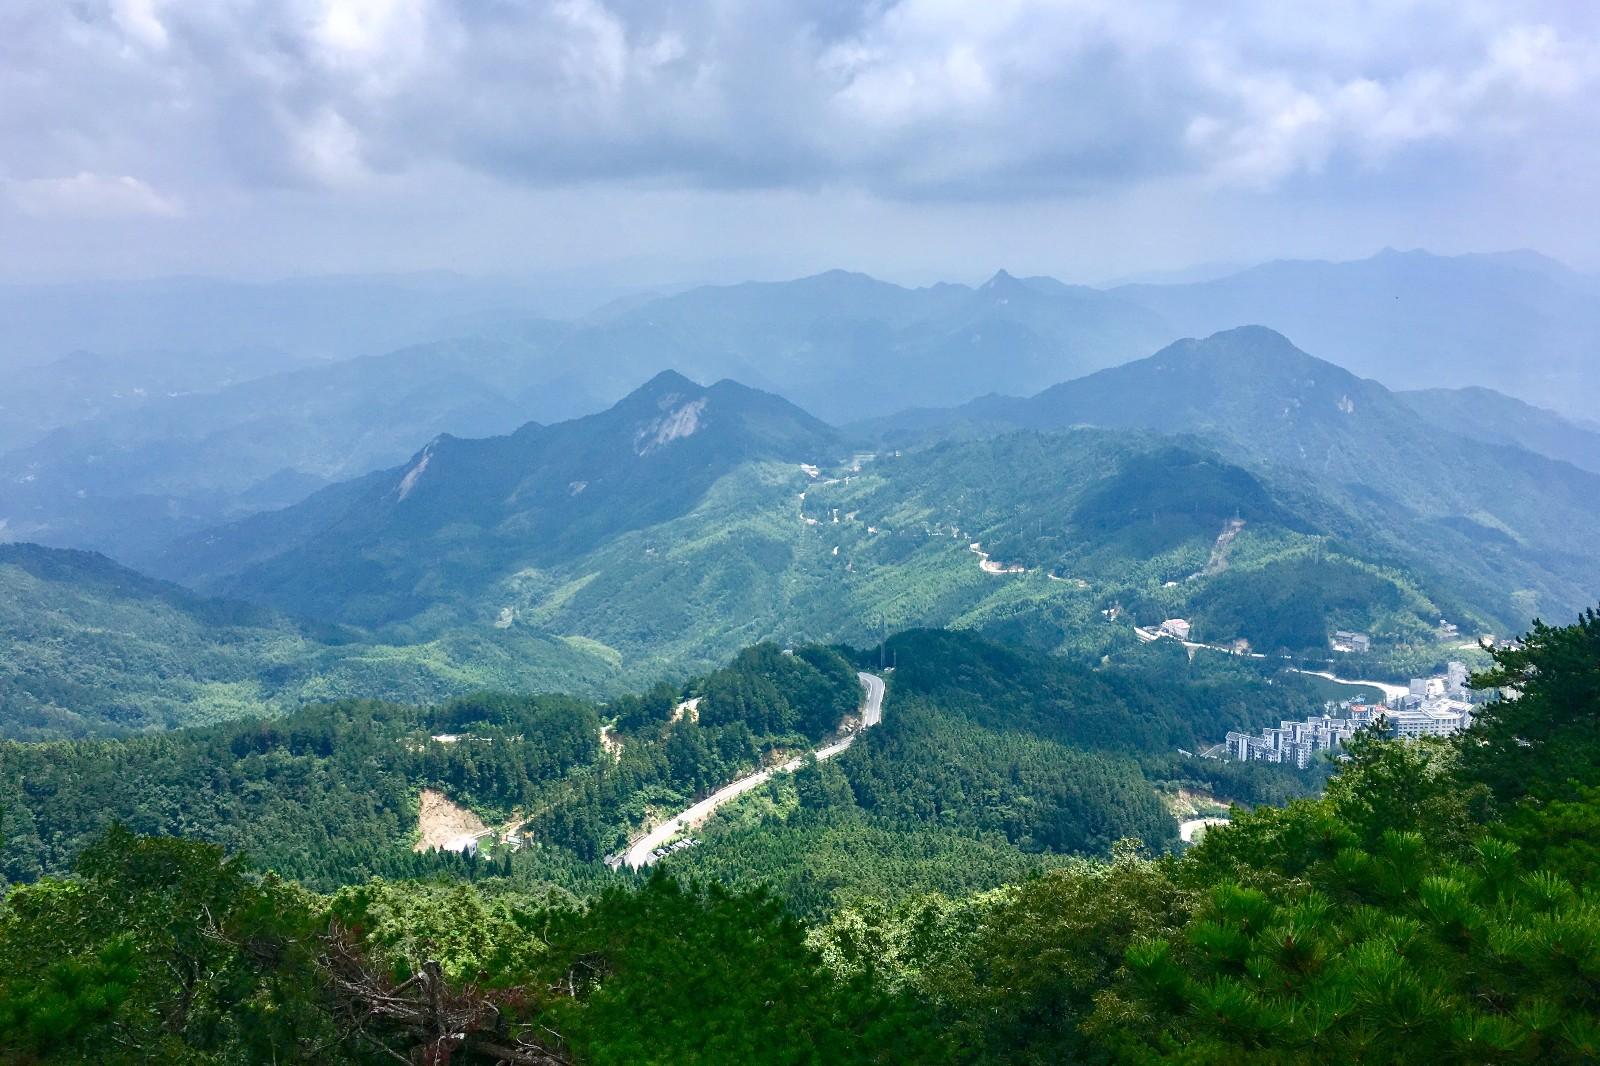 武汉周边游 薄刀峰森林公园.避暑小镇.罗田吊锅.水果采摘特惠2日游 82779128